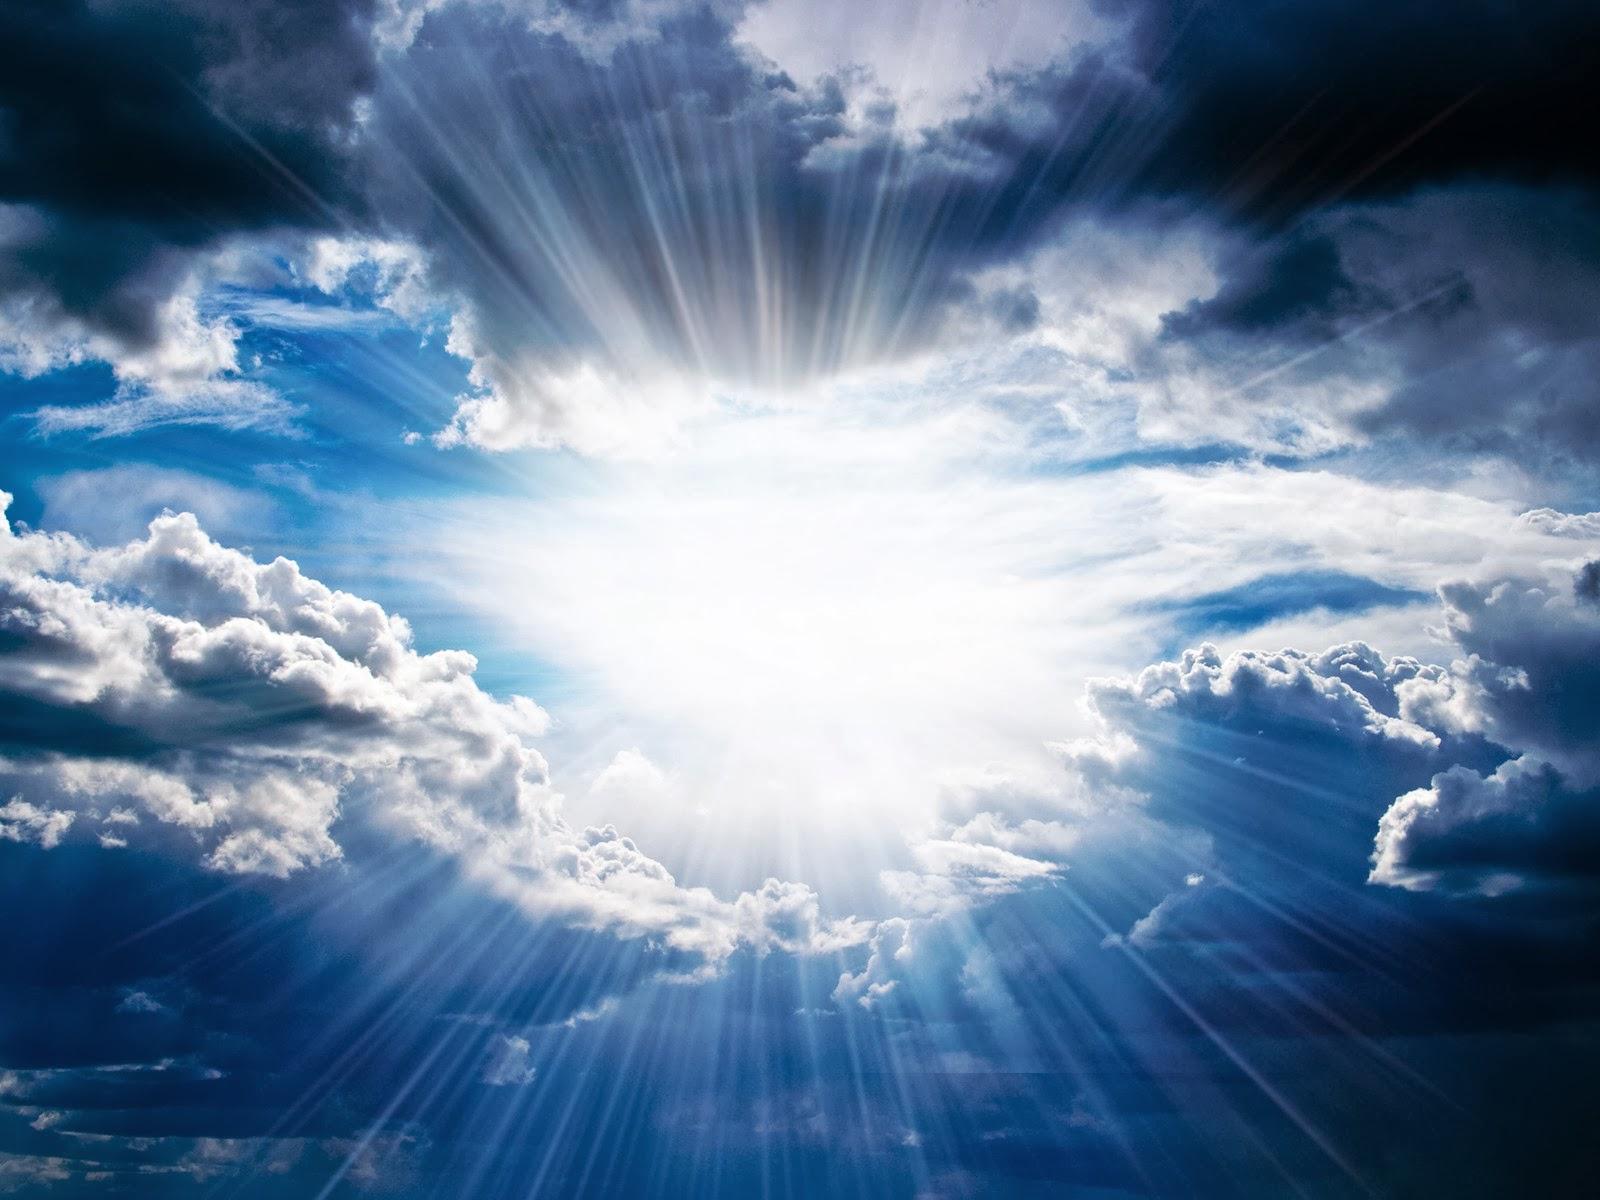 nuage de clairvoyance